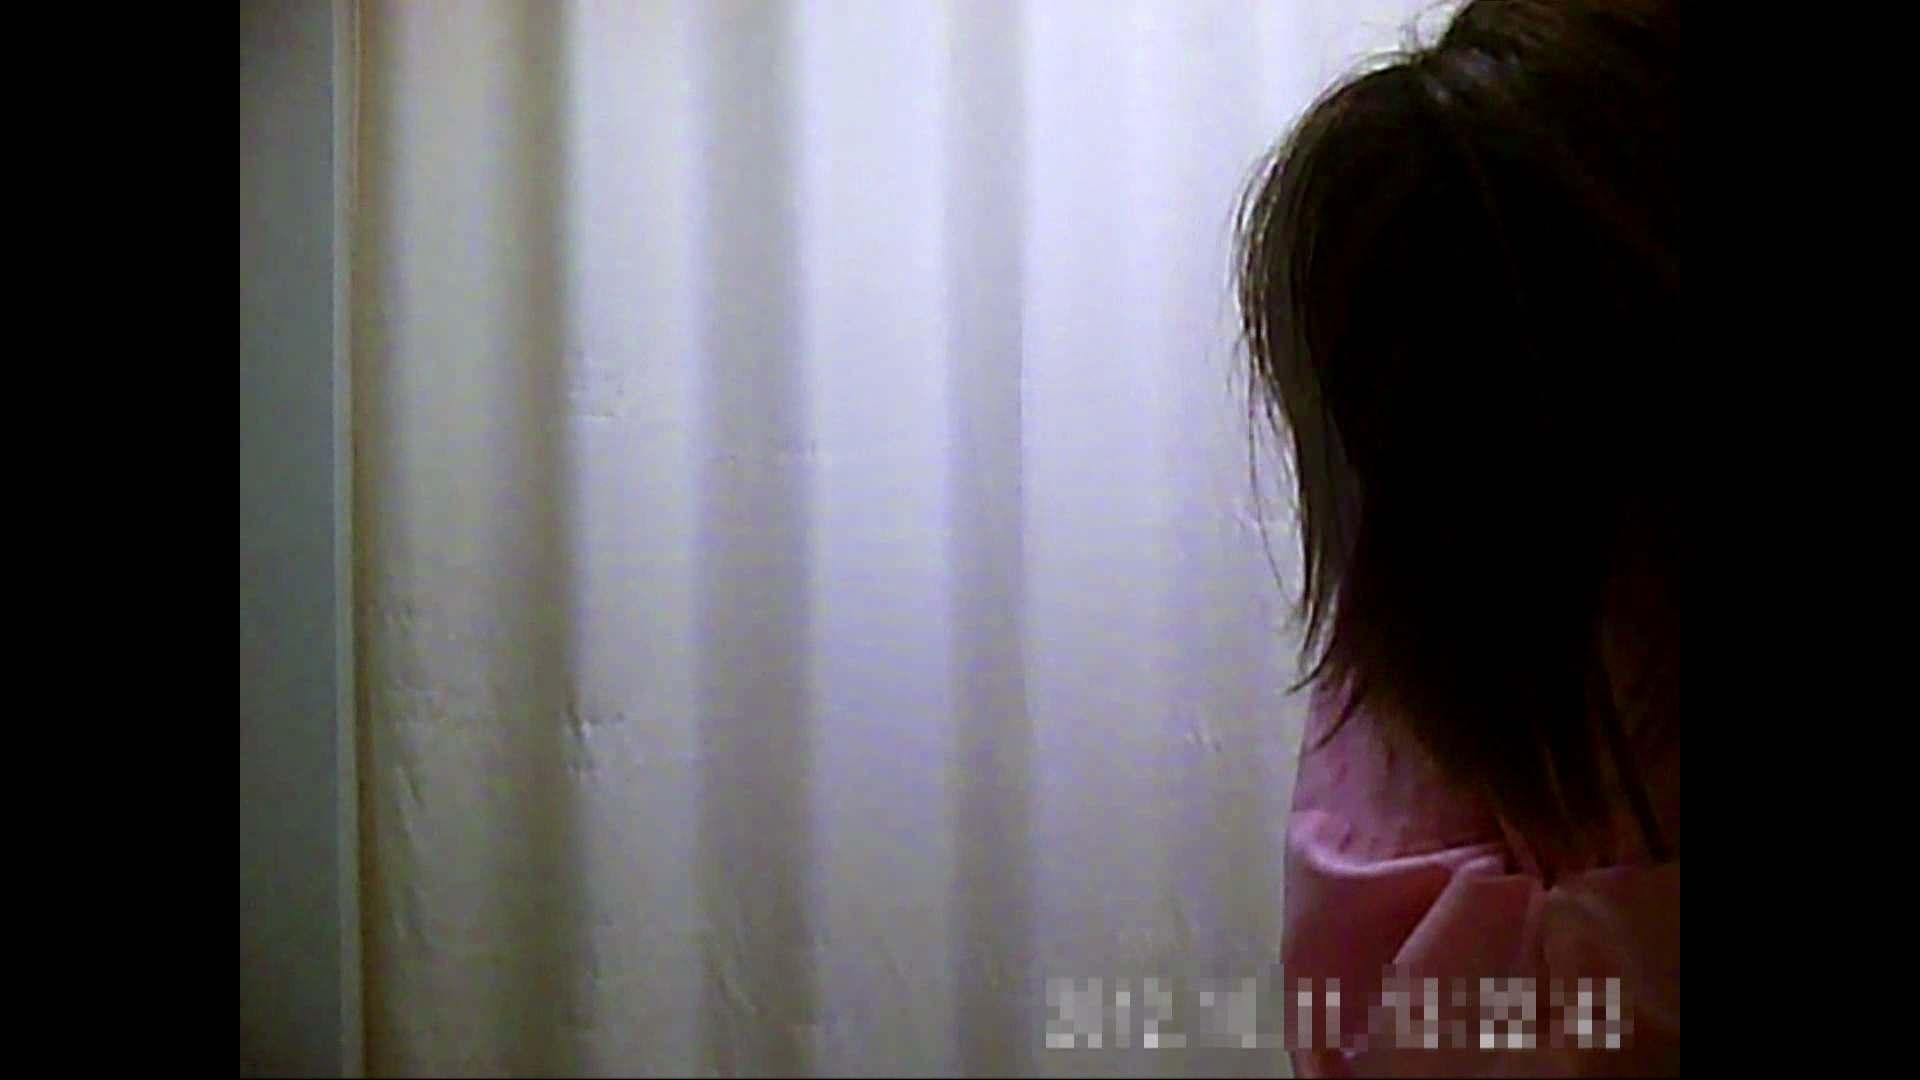 無修正エロ動画|元医者による反抗 更衣室地獄絵巻 vol.063|怪盗ジョーカー